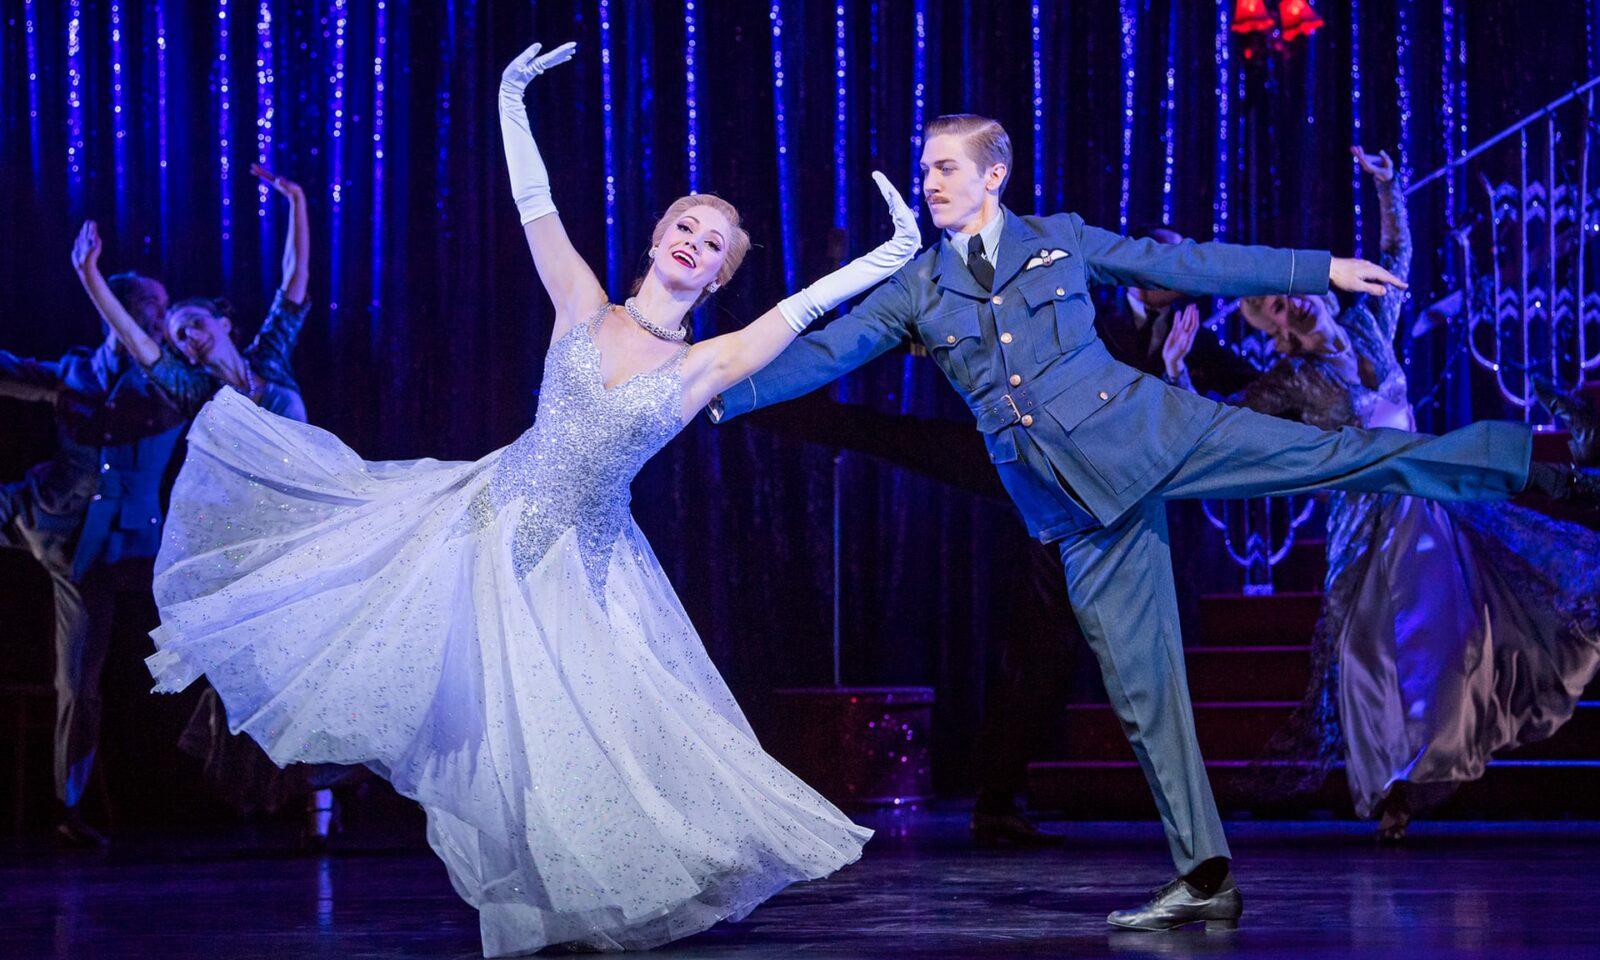 Matthew Bourne's Cinderella Review – Fairytale Spins Light Through Darkness